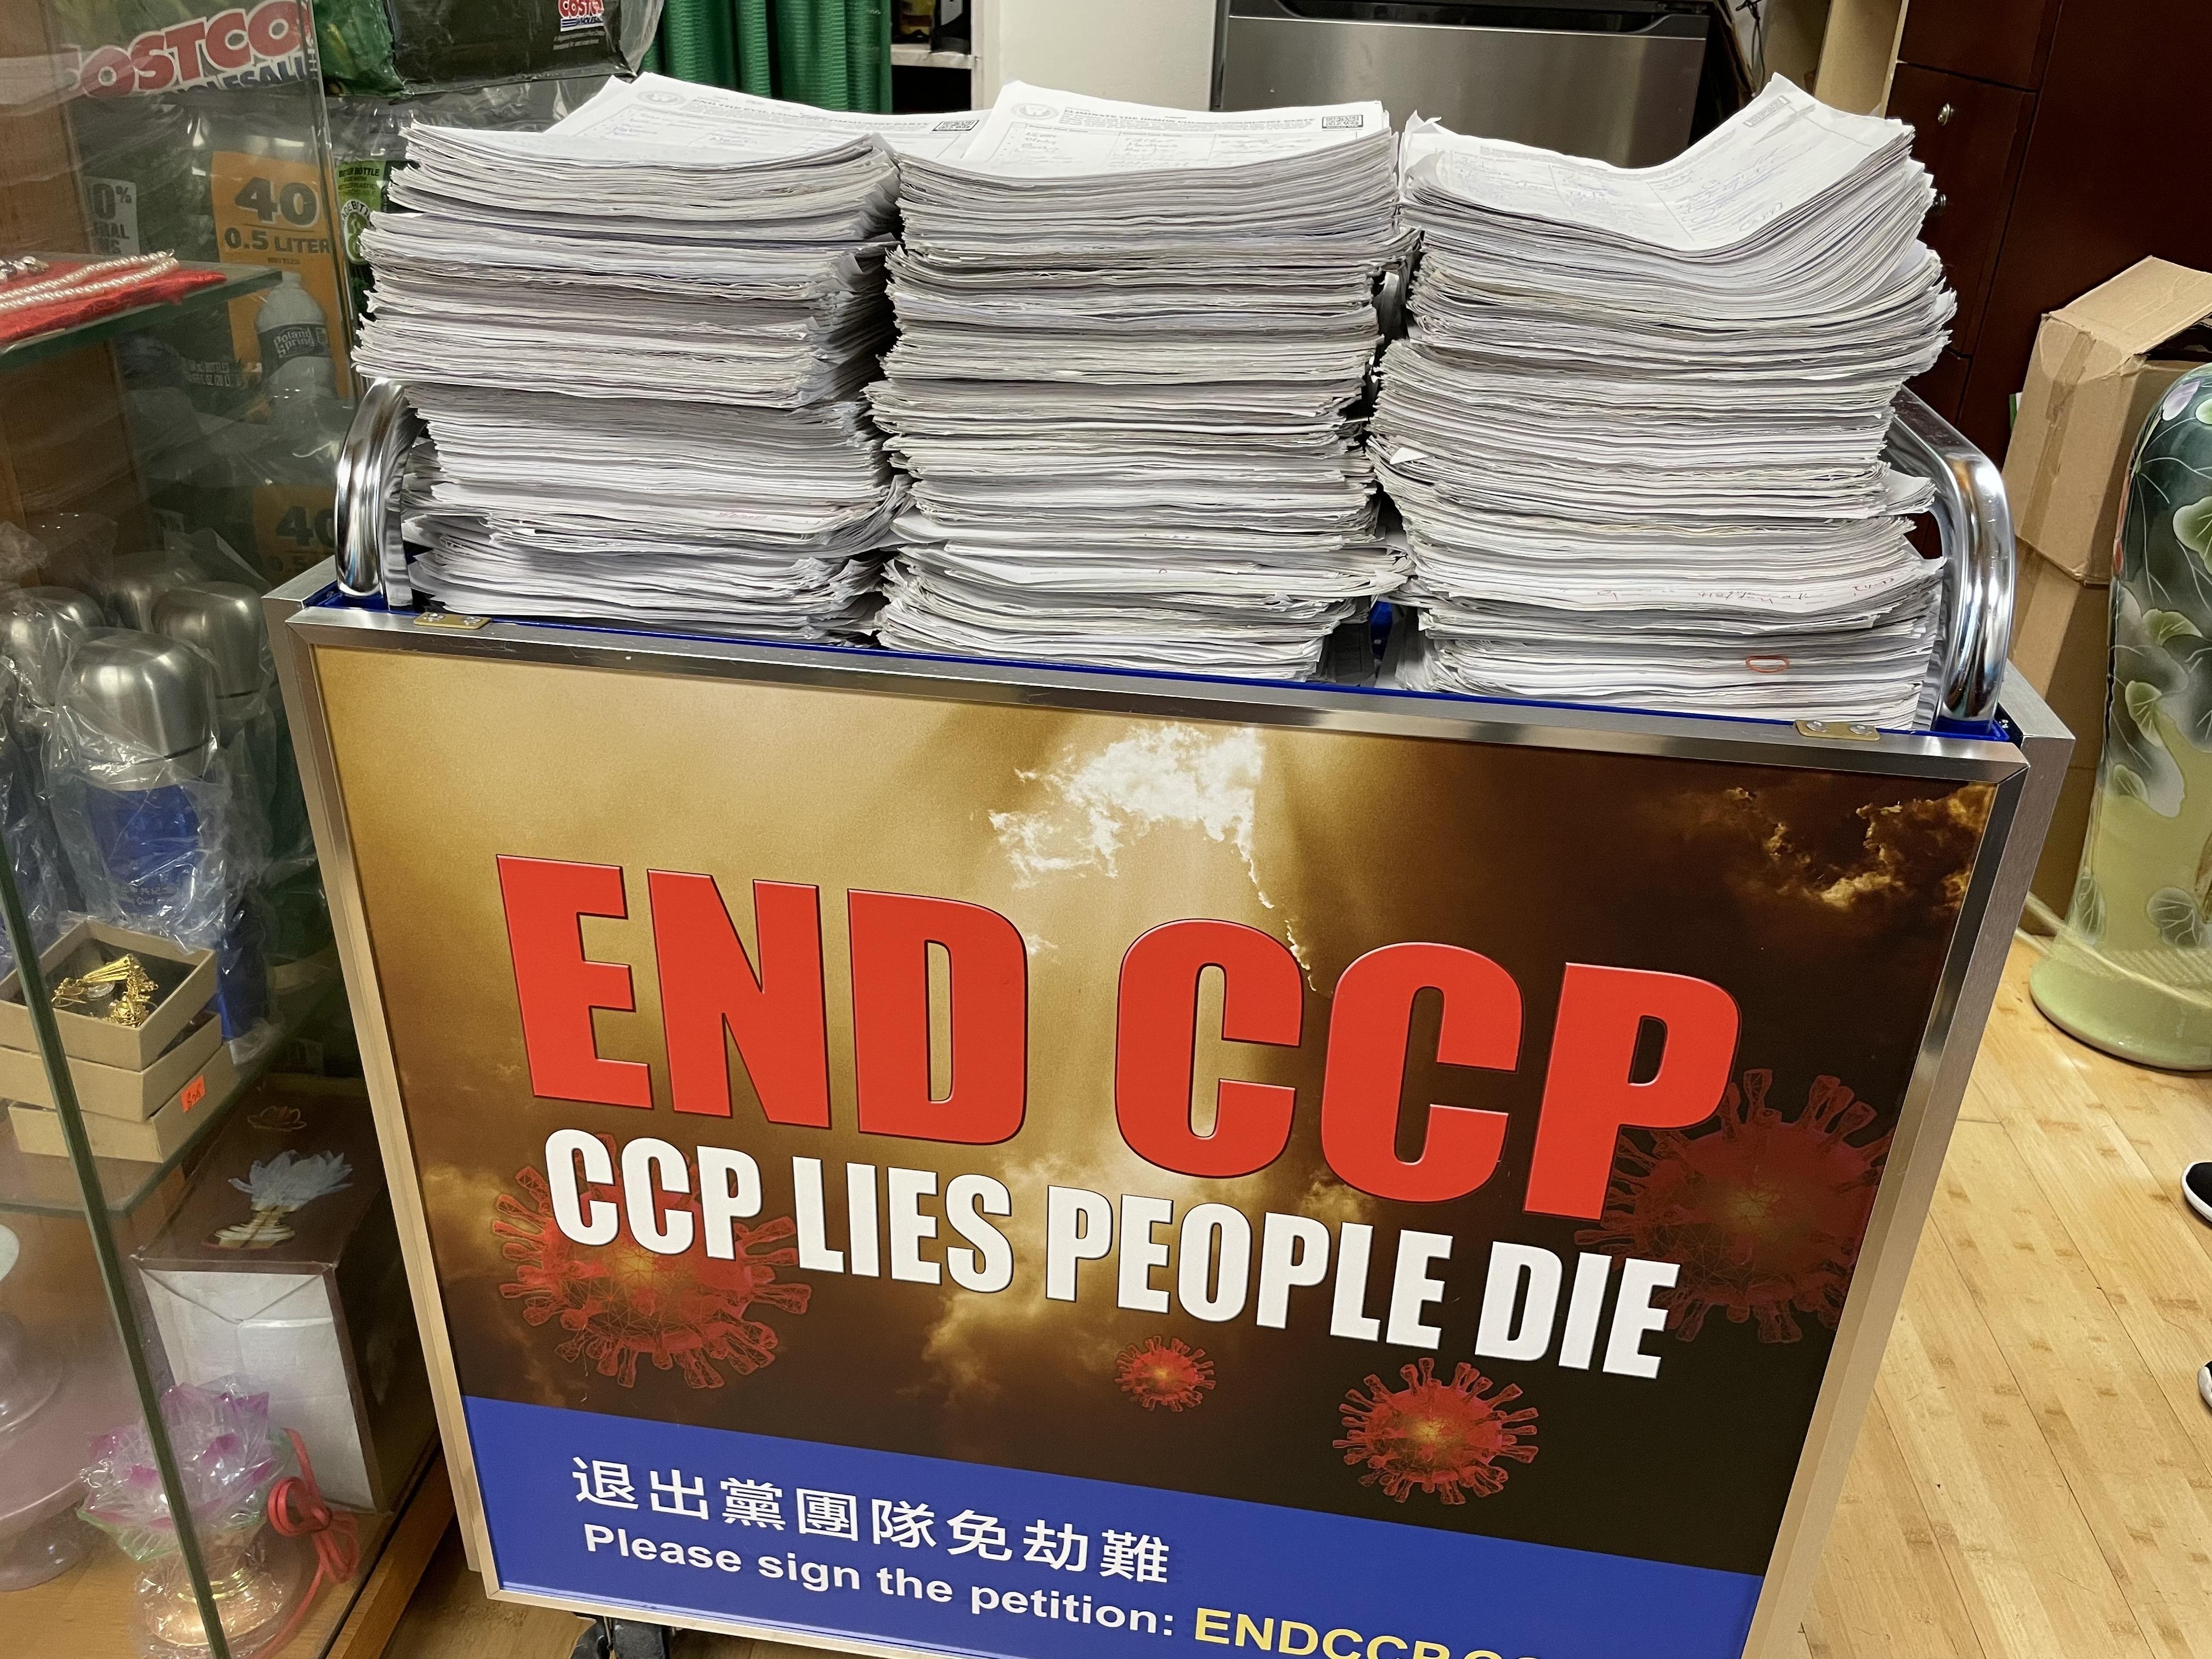 Các mẫu ký tên EndCCP dày đặc chữ ký, chất đầy ô tô, và đây chỉ là một phần nhỏ. (Lin Dan / The Epoch Times)